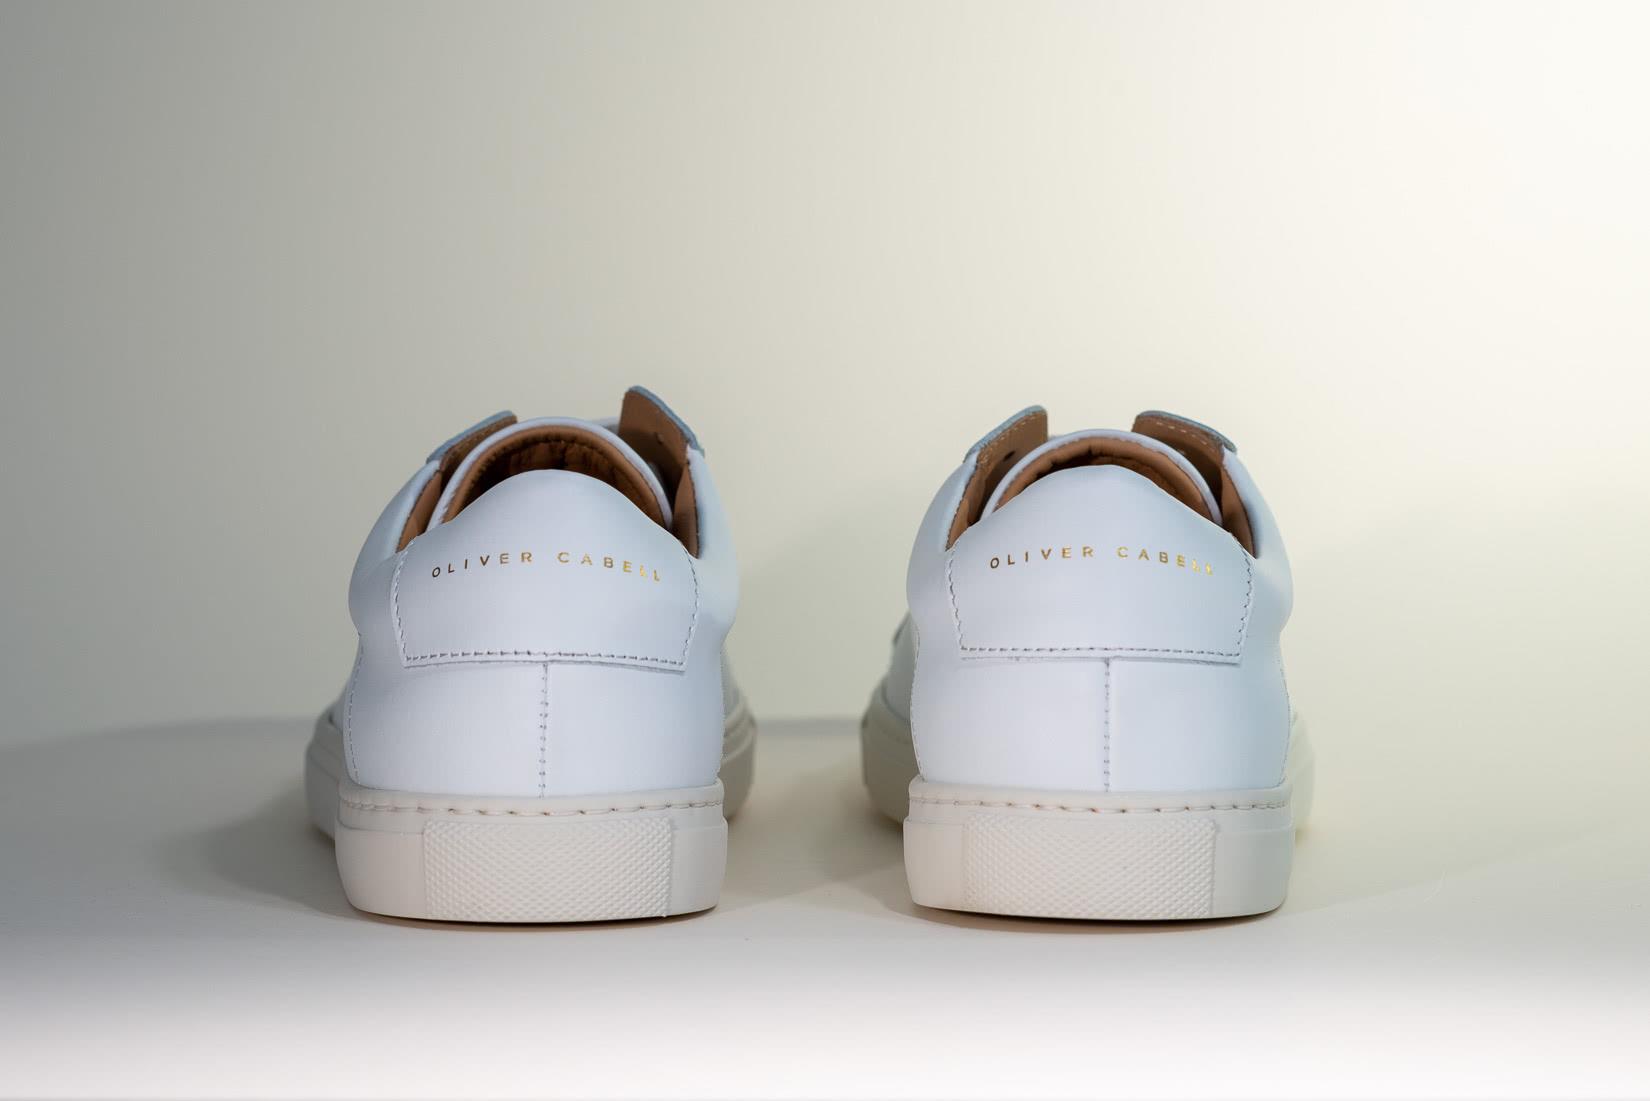 oliver cabell review zapatillas bajas 1 en la espalda - Luxe Digital